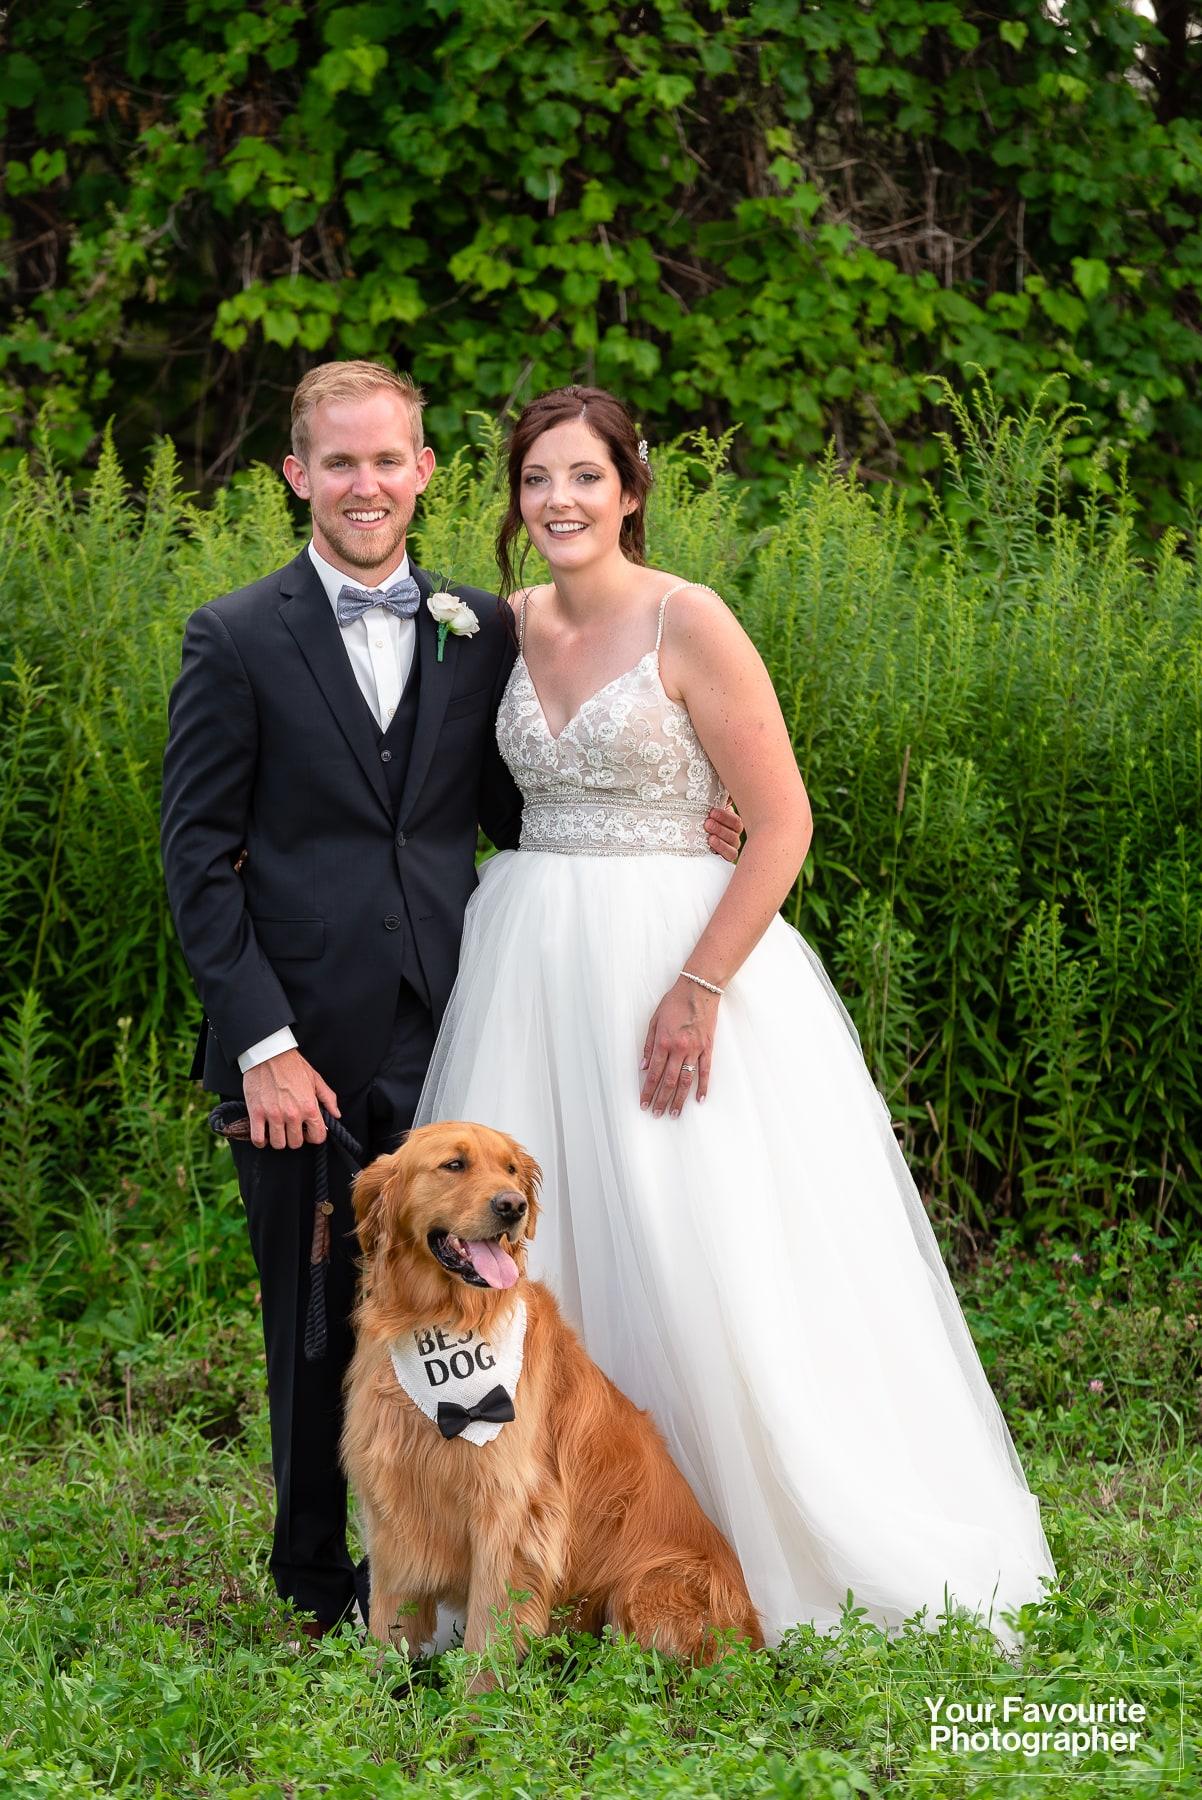 Ariah & Eric - Rice Lake Wedding Photography